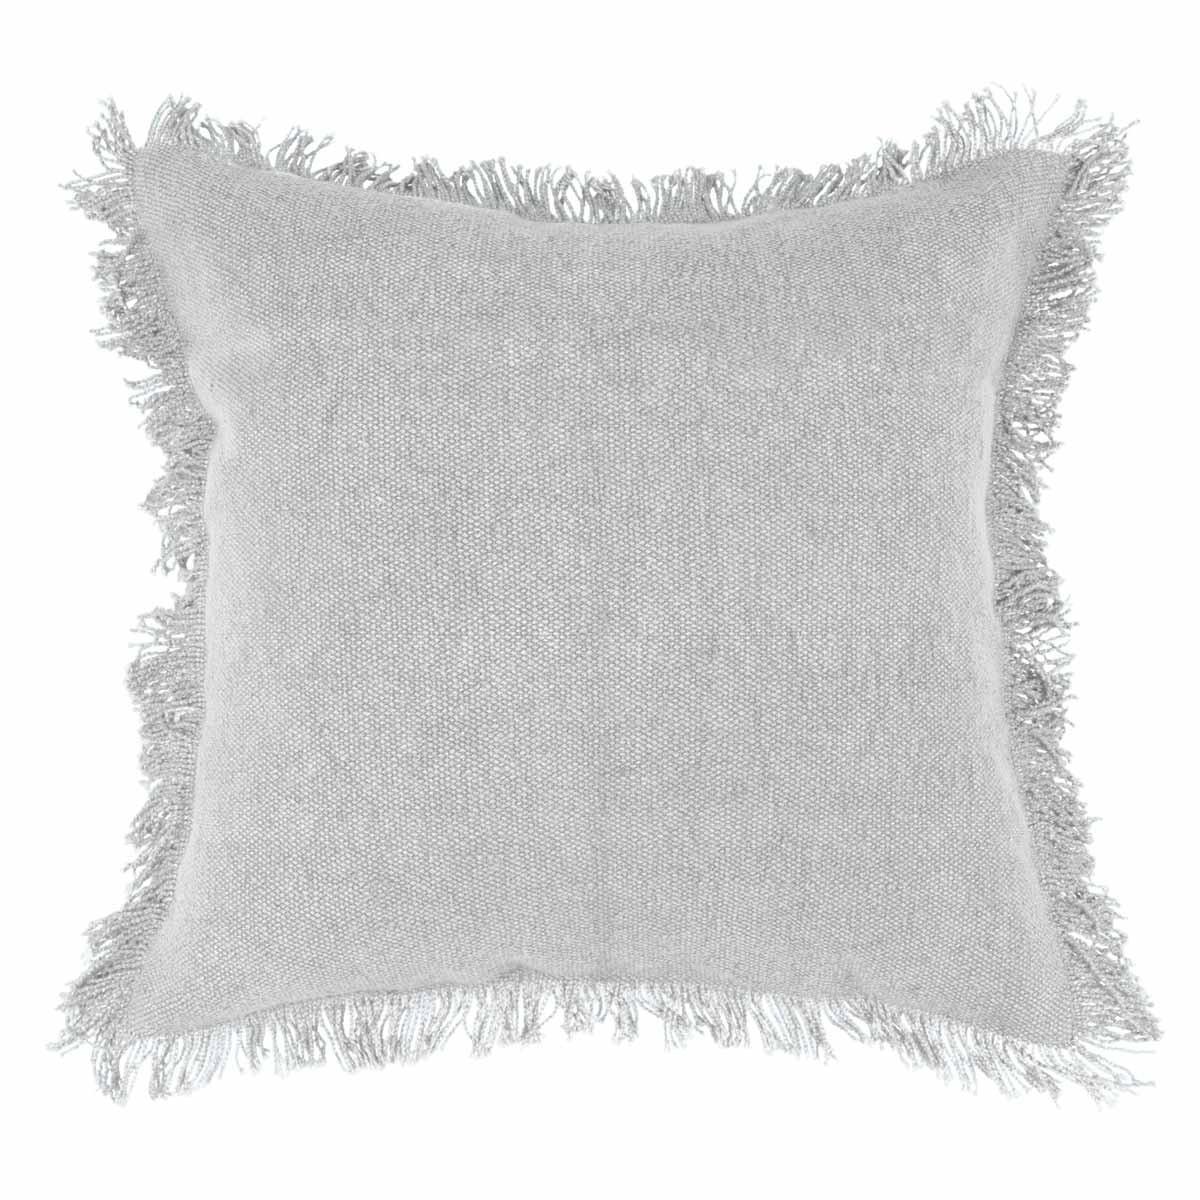 Διακοσμητικό Μαξιλάρι (40×40) Gardena Gris C02982003